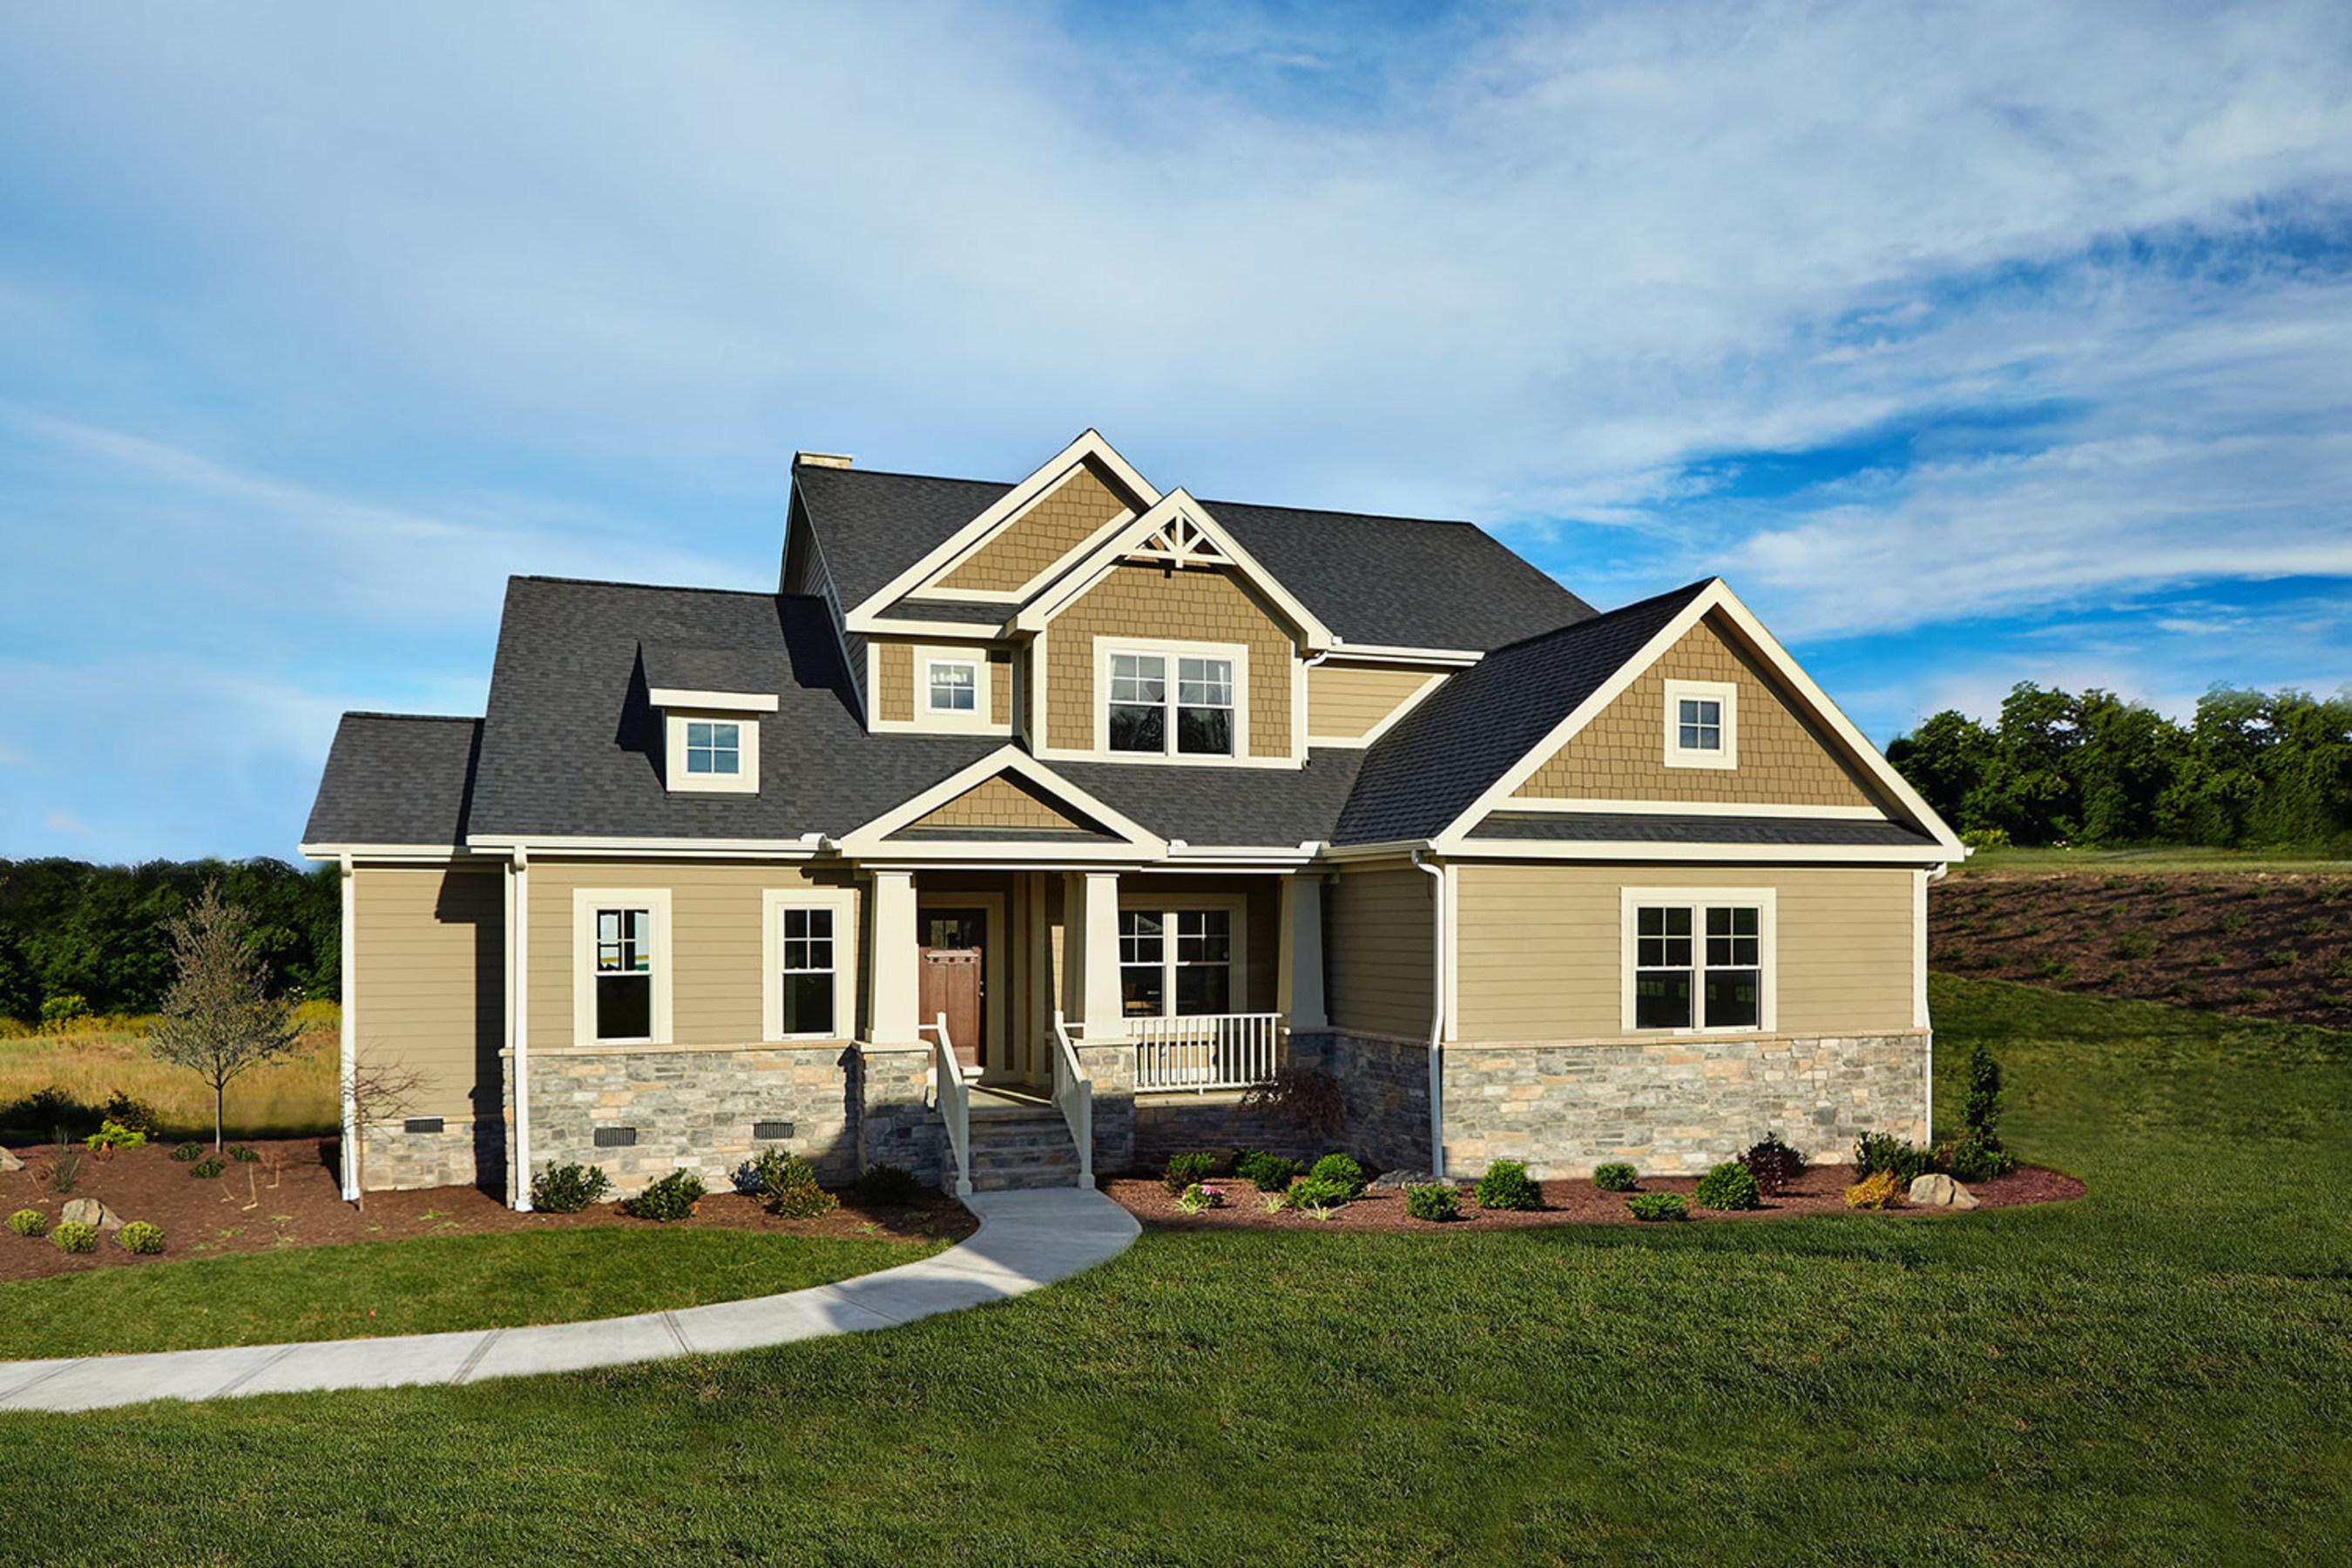 Custom Home Builder Schumacher Homes Opens New Model Home Design Studio In Charleston Wv